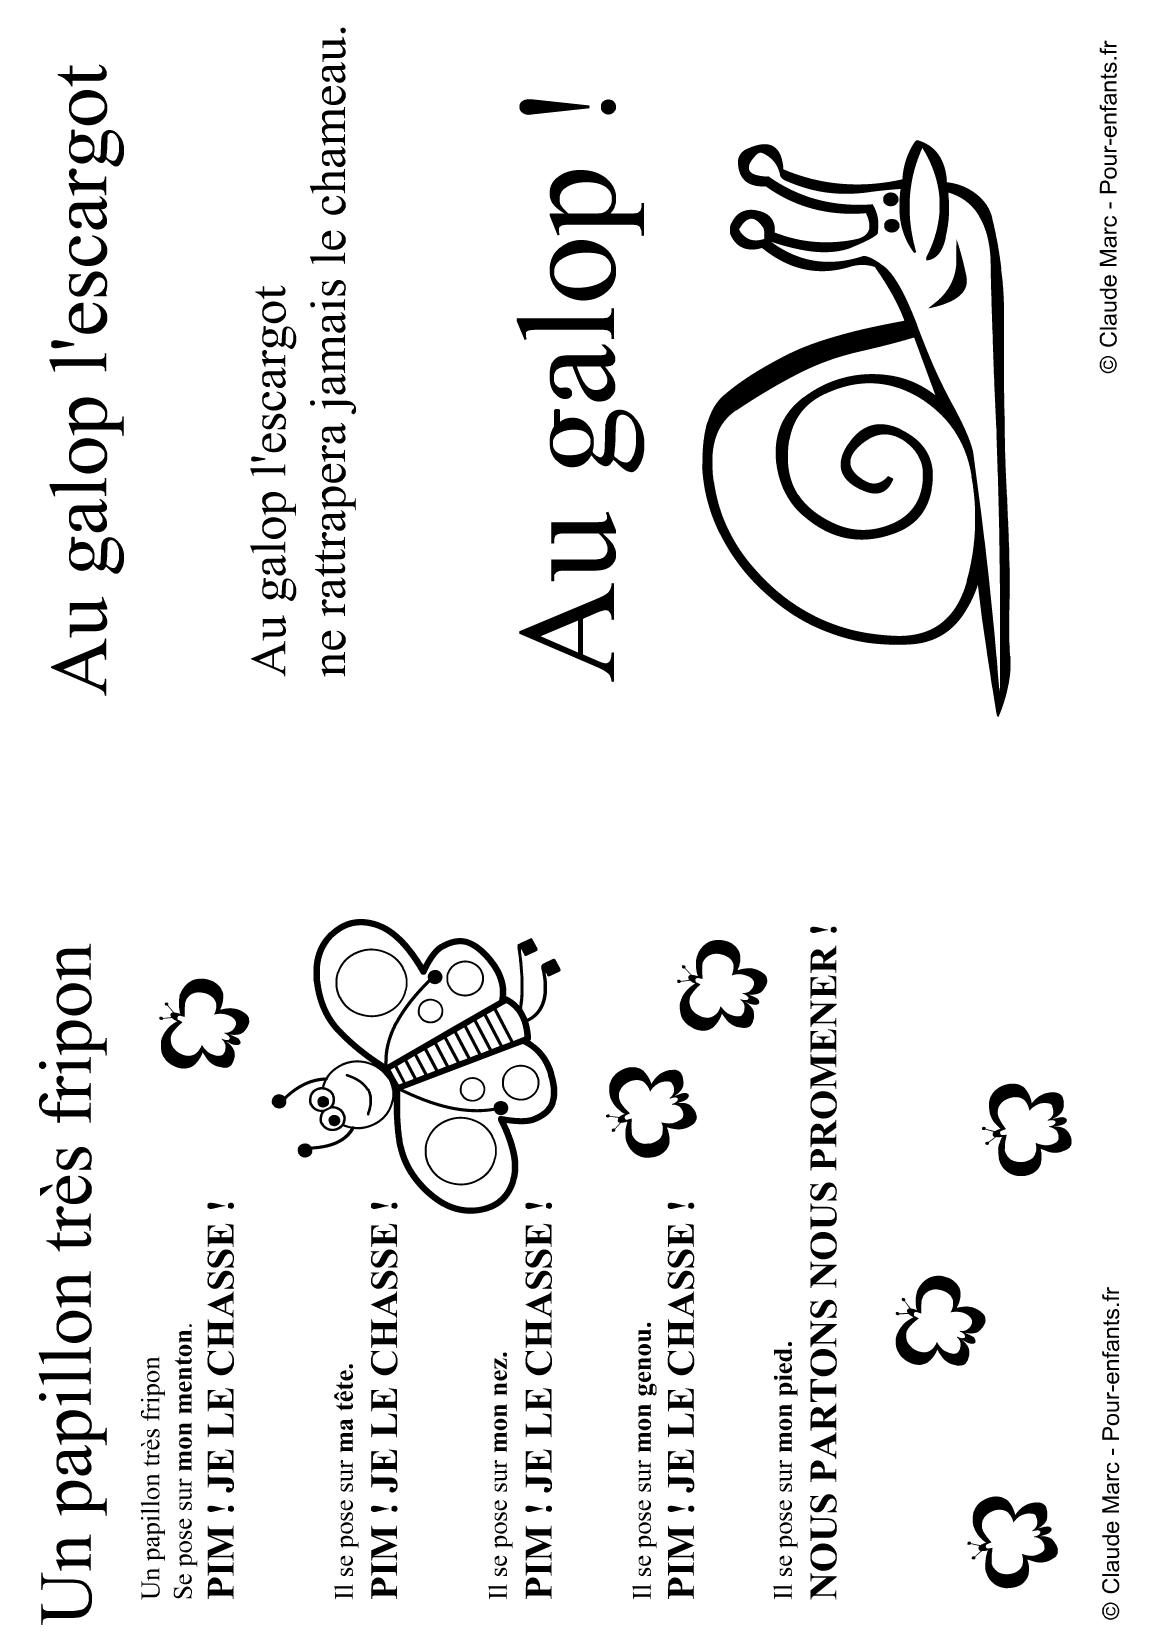 Cahier De Vacances Gratuit À Imprimer Maternelle Enfants dedans Cahier De Vacances Maternelle Gratuit A Imprimer